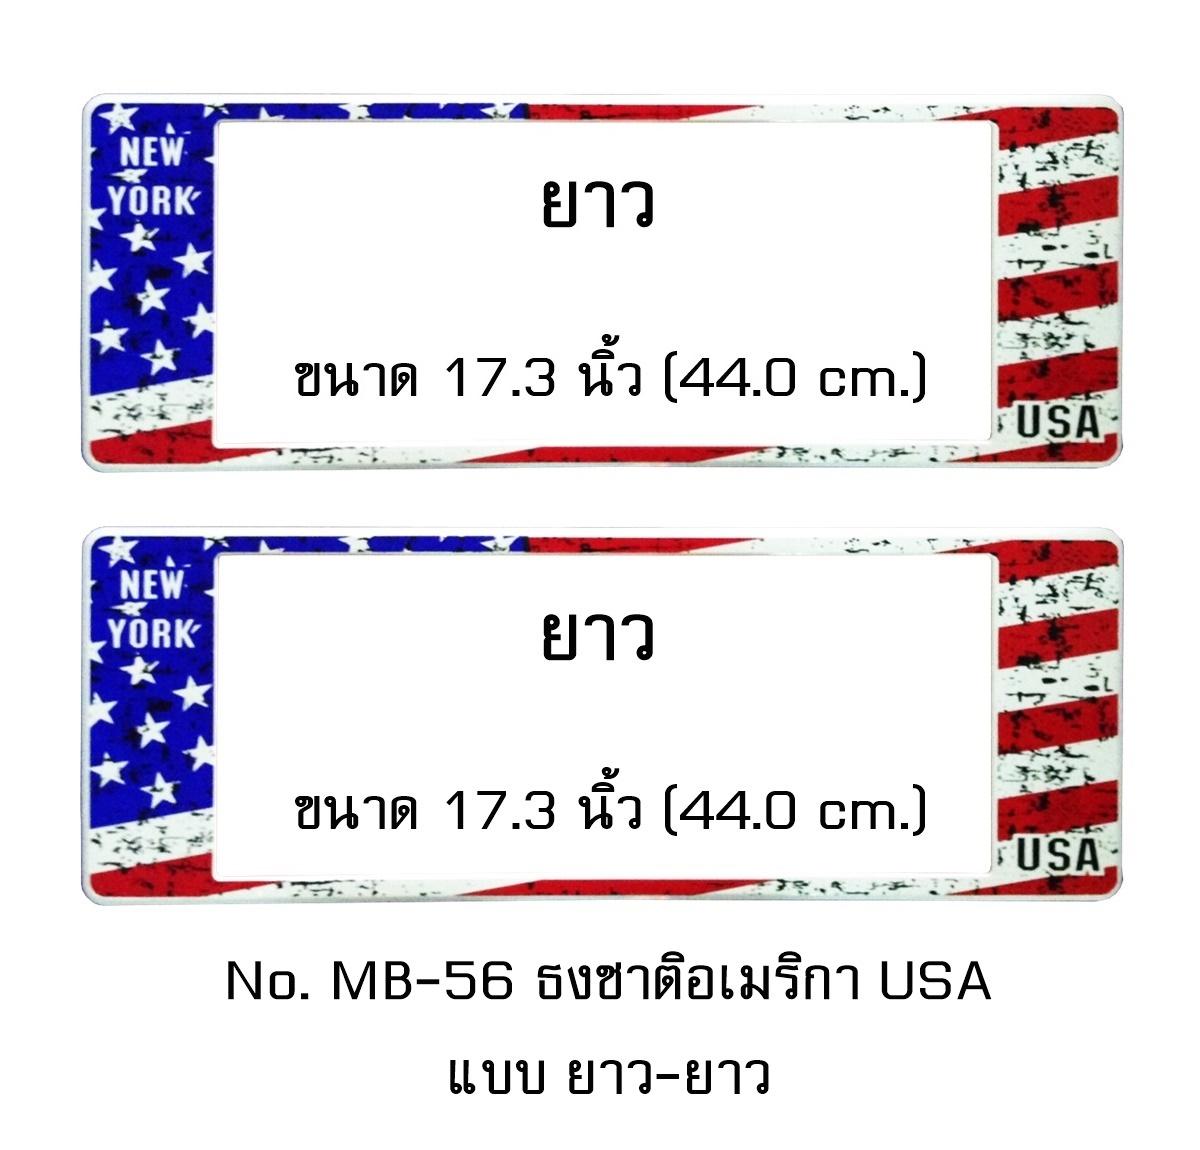 กรอบป้ายทะเบียนรถยนต์กันน้ำ MB-56 USA FLAG ธงชาติอเมริกา ลายพราง ยาว-ยาว ระบบล็อค8จุด อะไหล่ครบ